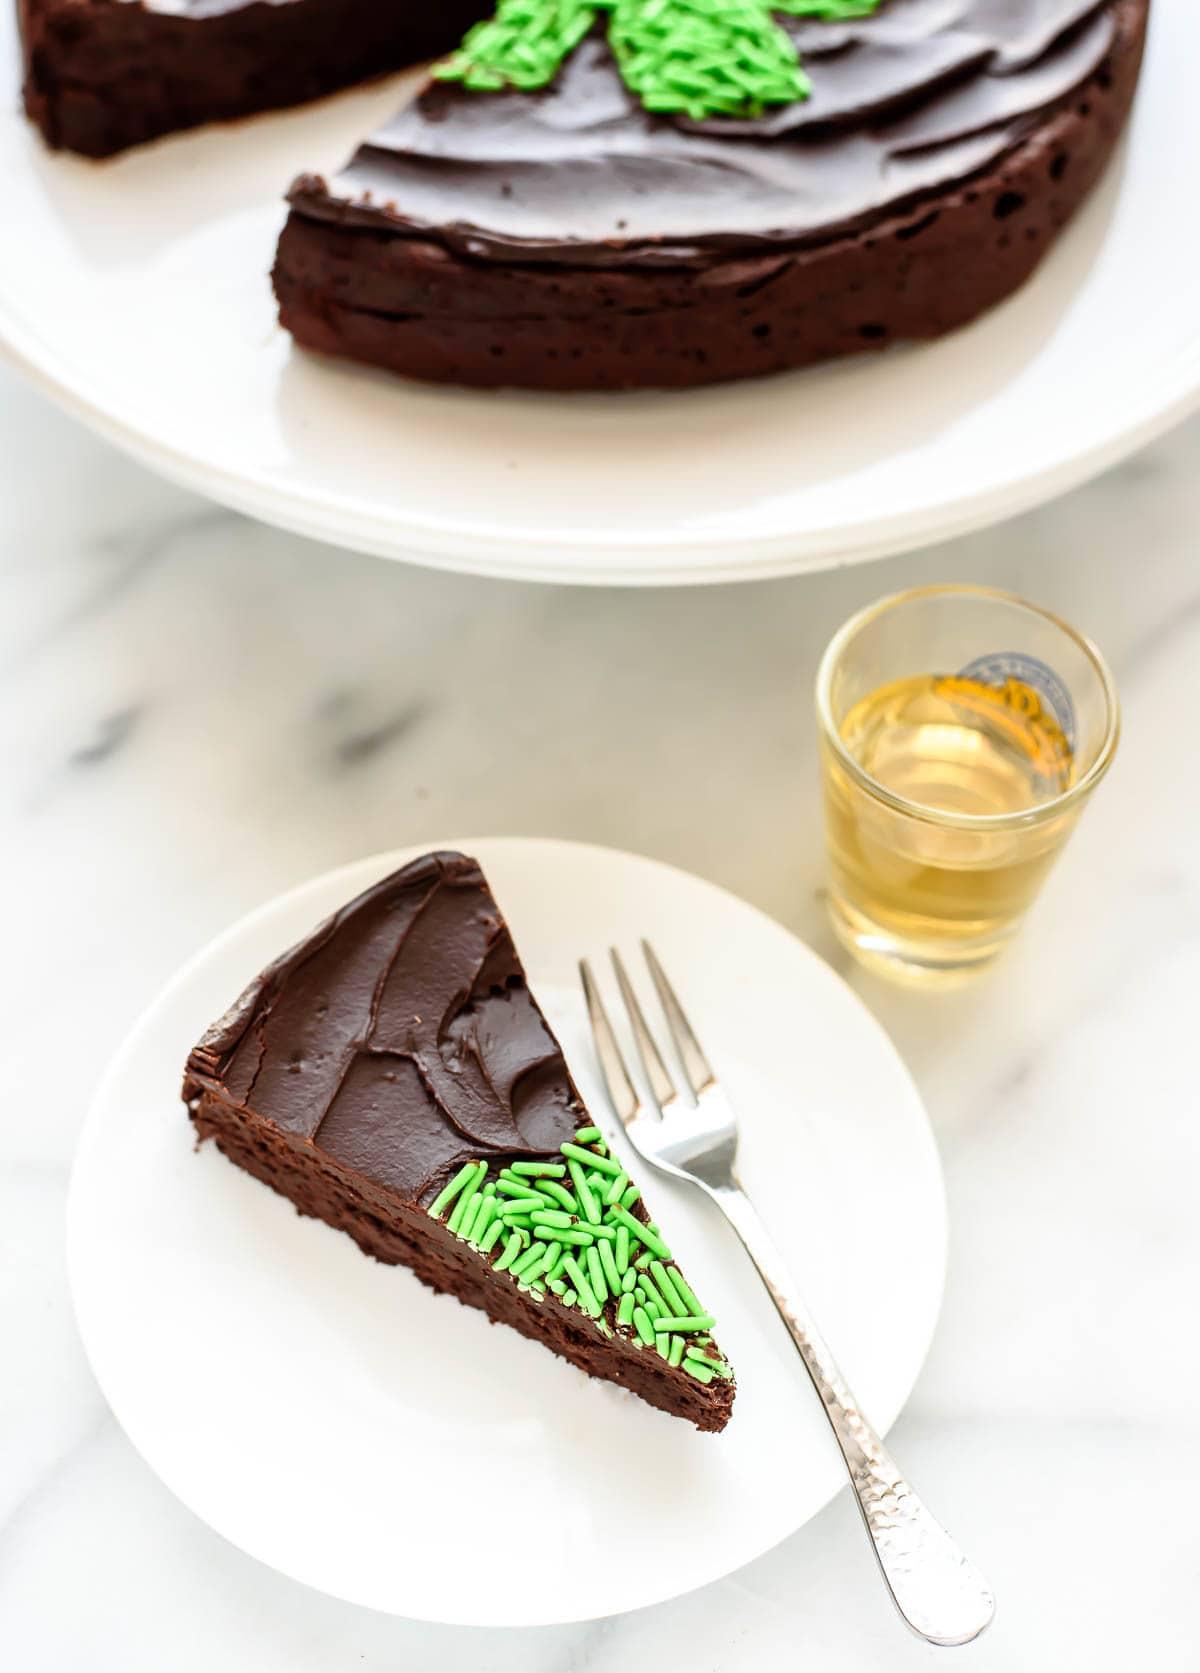 Recipe For Whiskey Cake From Whiskey Cake Restaurant